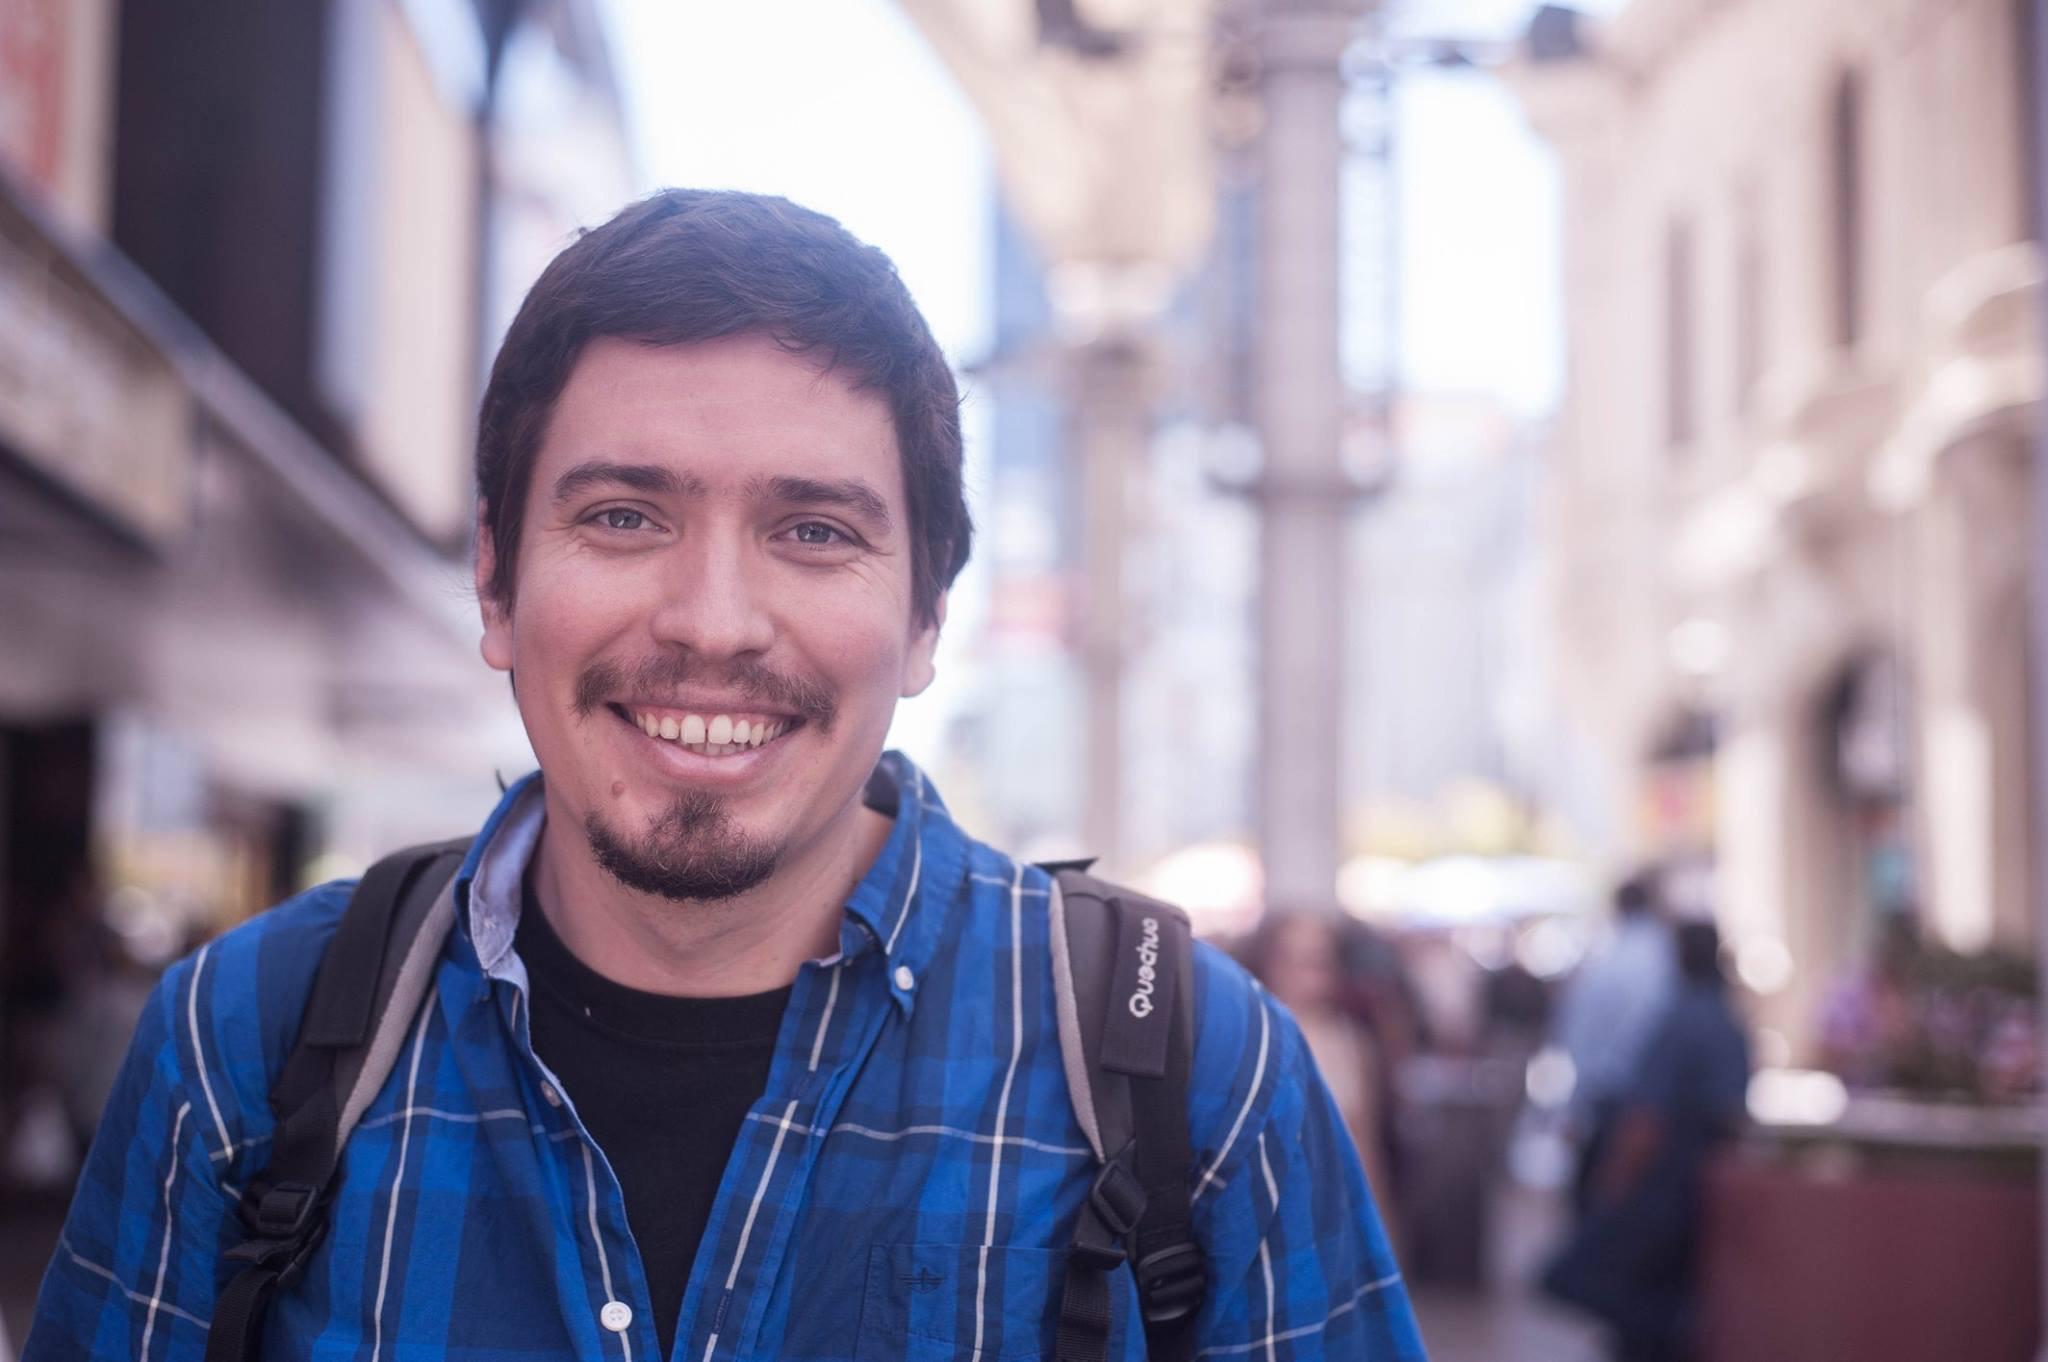 Carlos Scheuch